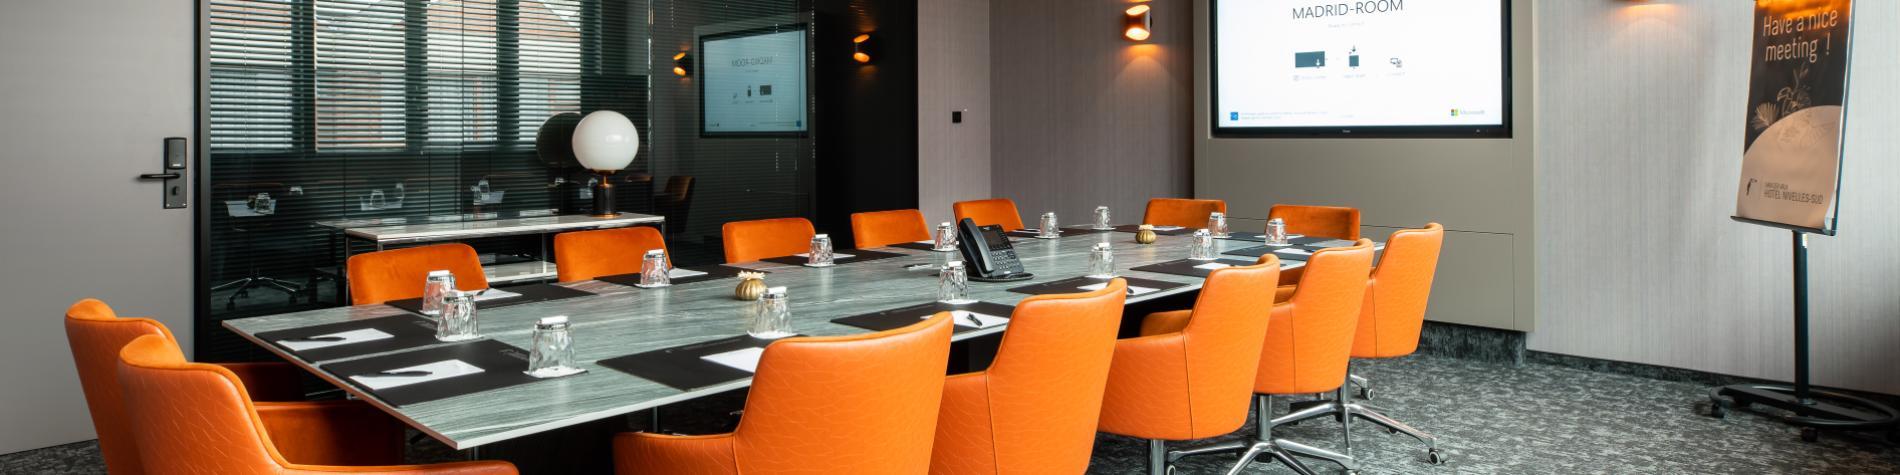 Salle de réunion avec chaises orange du Van der Valk Nivelles-Sud